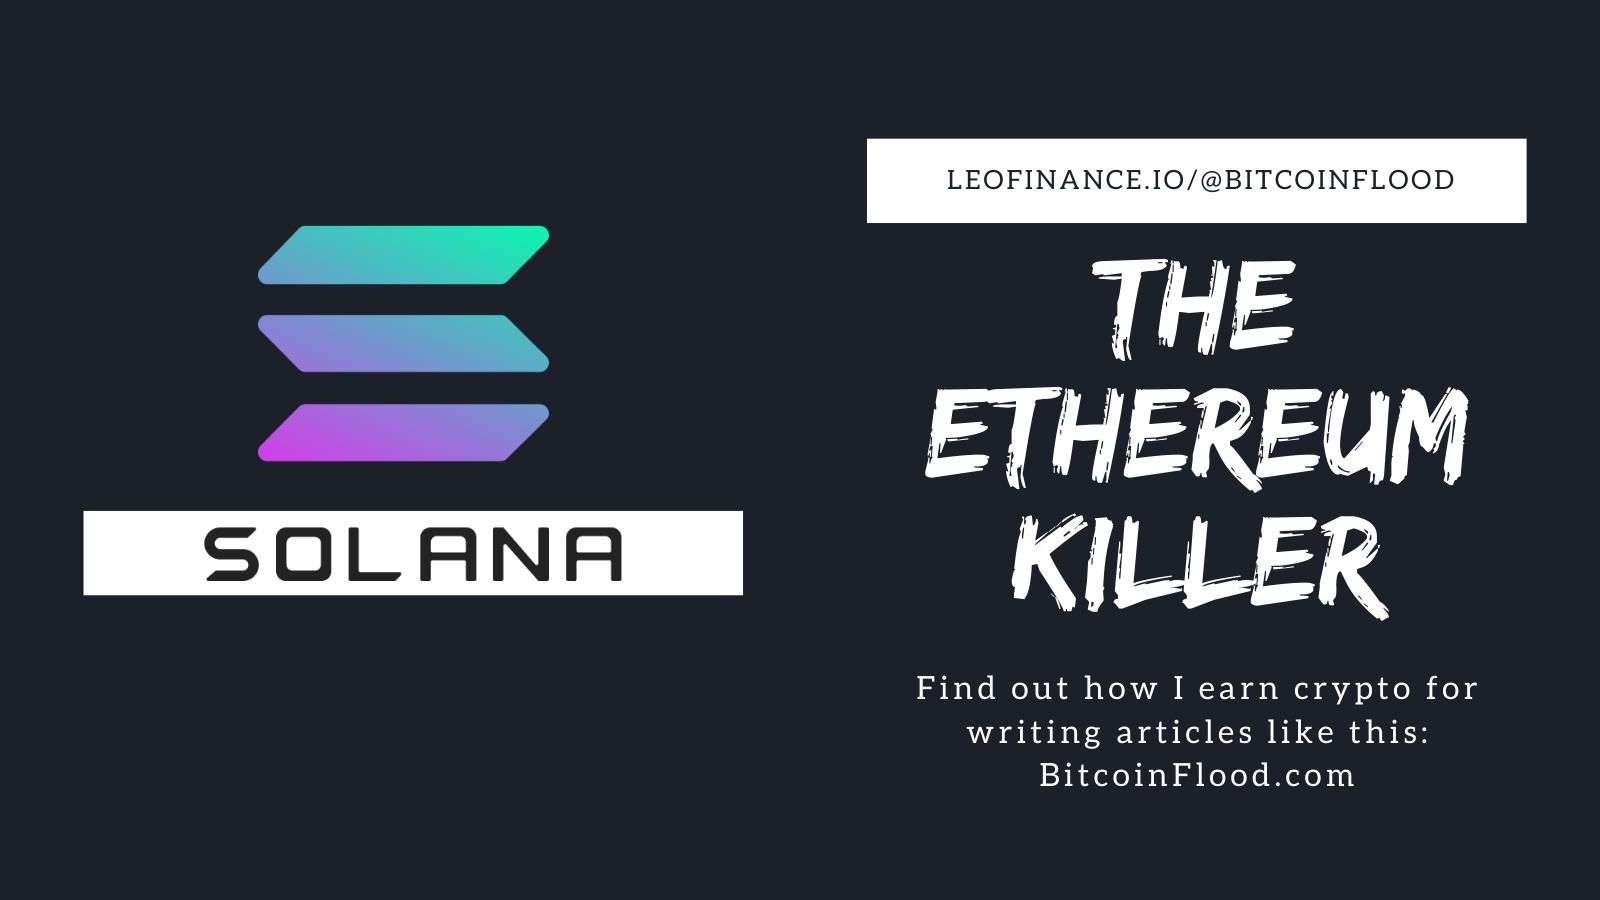 LeoFinance.io_bitcoinflood 5.png